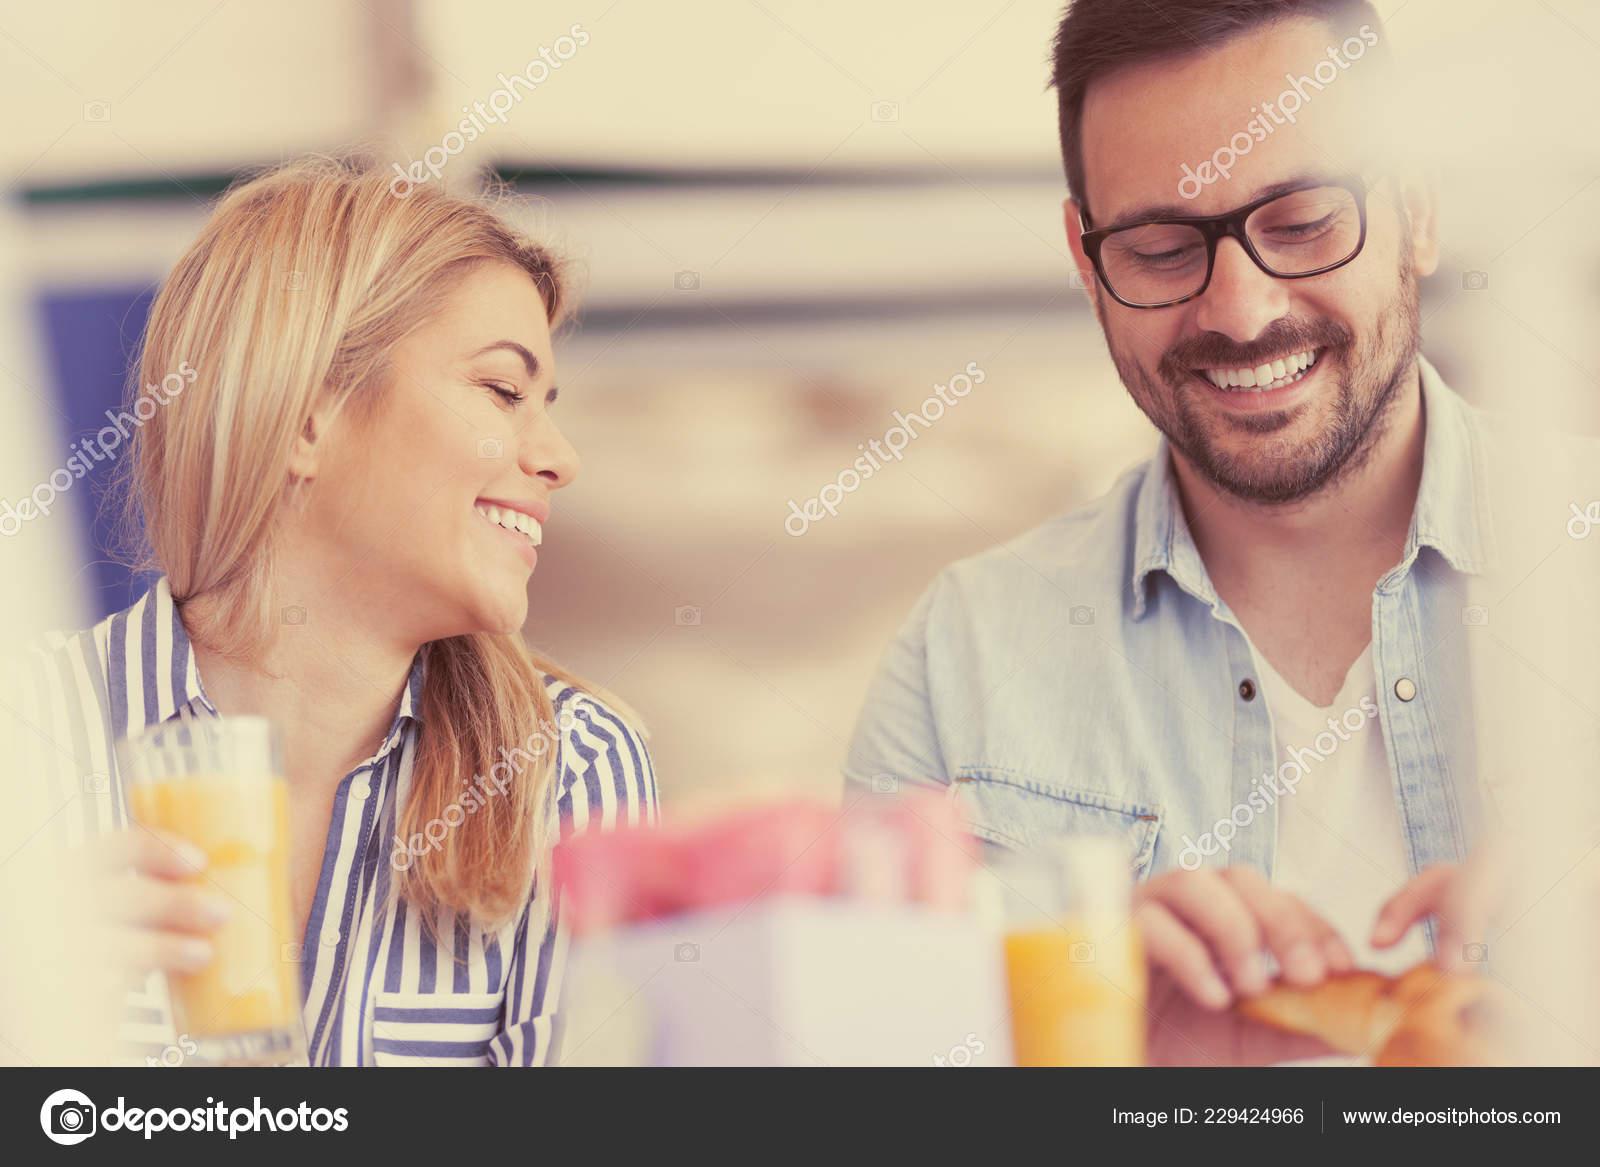 νόμους για την ηλικία των γνωριμιών στο Ουισκόνσιν